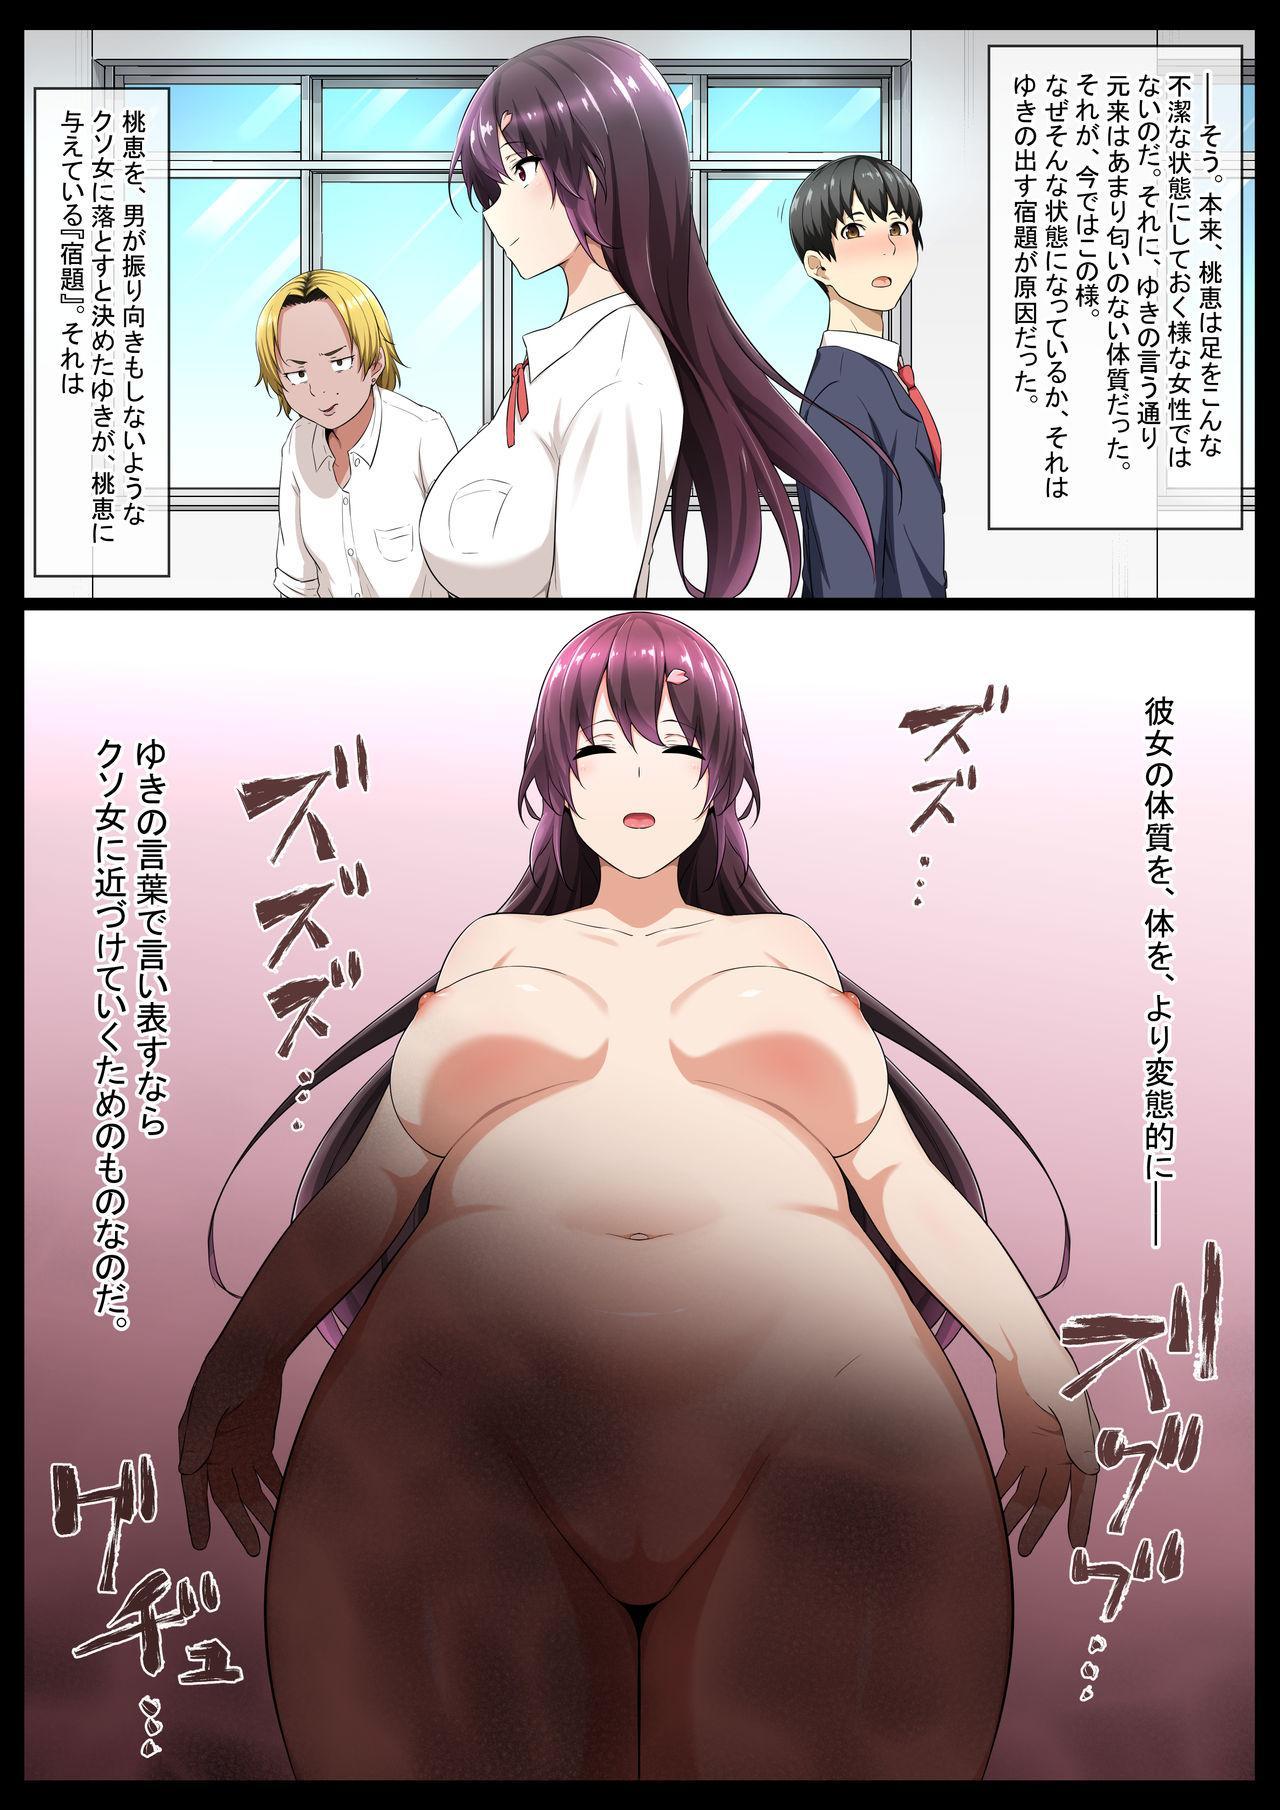 Seiseki Yuushuu na Iinchou ga Teihen Gyaru ni Sakaurami Sarerurashii yo 11